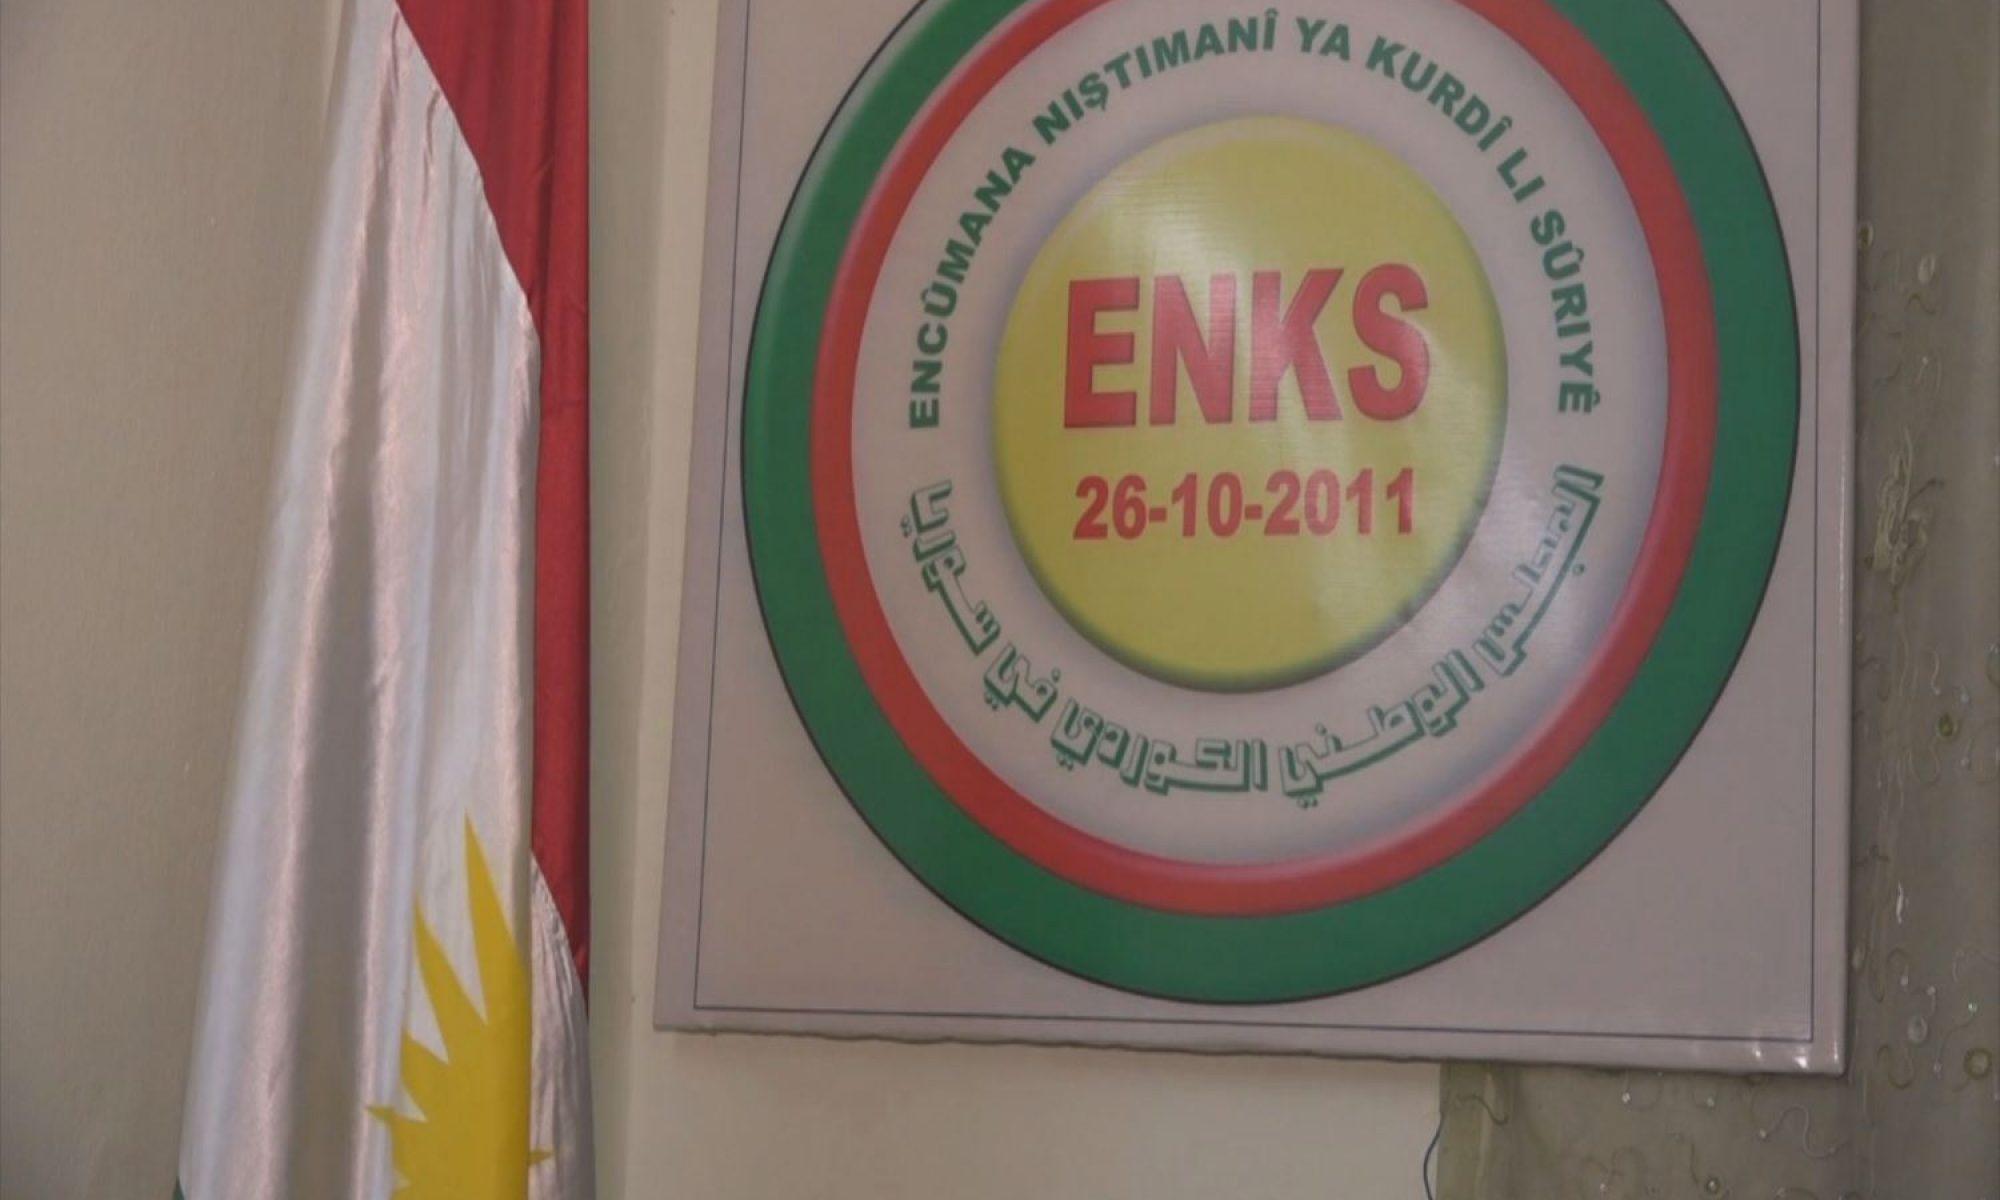 ENKS Başkanlık Konseyi Üyesi: Biz 63 yıldır Kürtçe için çalışıyoruz, Kürtçe eğitime karşı çıktığımız doğru değildir PYND, PYD; Nuri Dawud, Mazlum Abdi